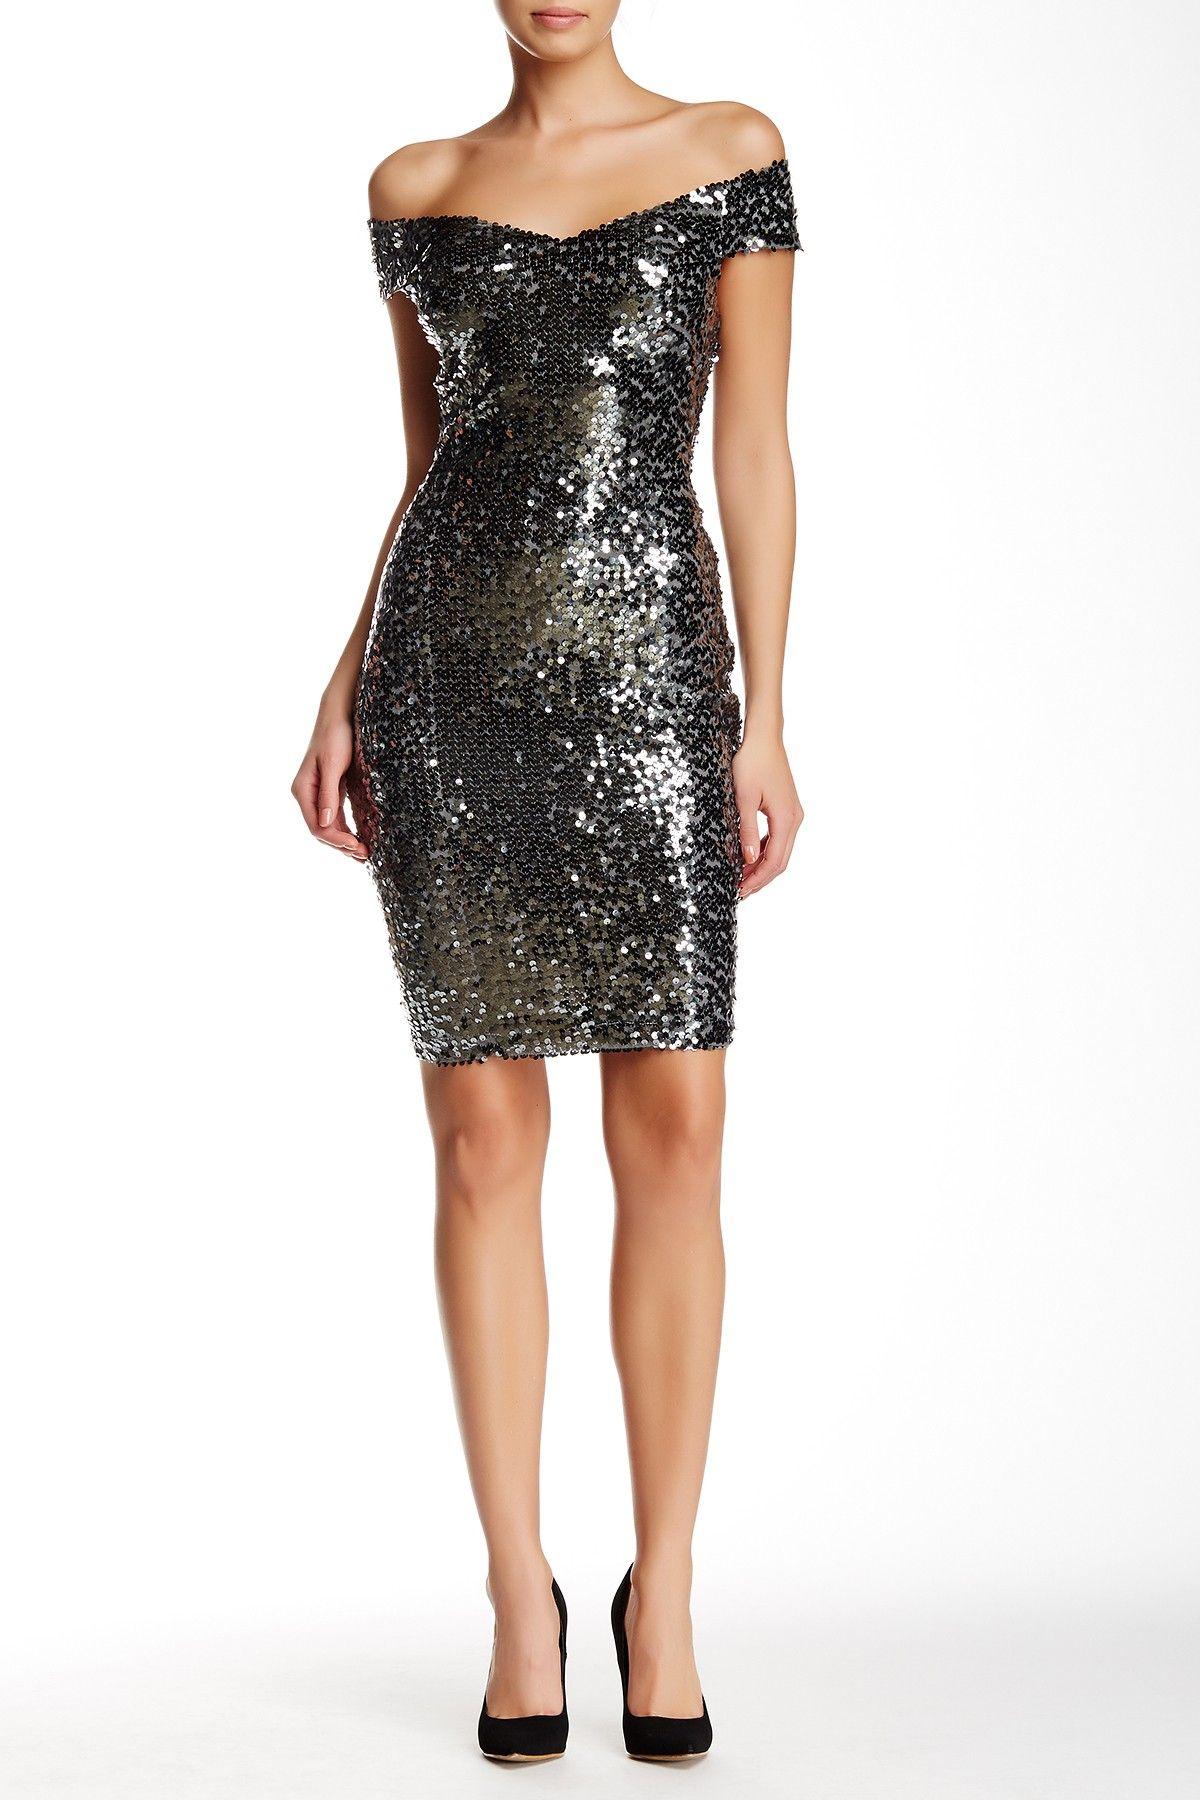 Marina | Off Shoulder V-Front Sequin Cocktail Dress | Sequins ...